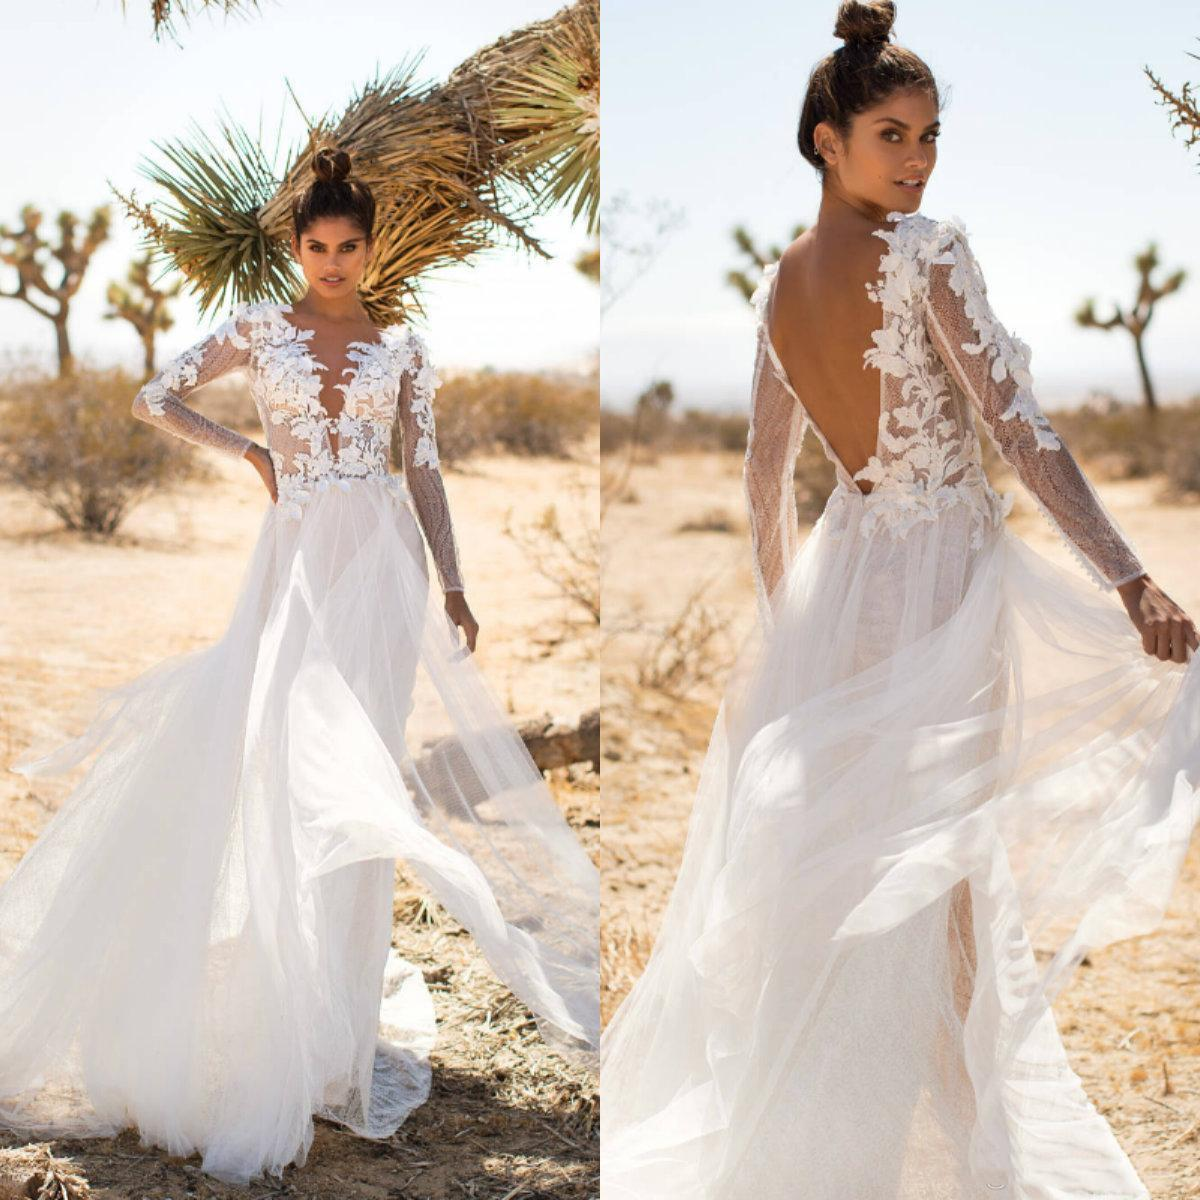 Milla Nova 2020 Robes de mariée col en V à manches longues en dentelle balayage train Tulle Appliques Robes de mariée Backless Robe de mariée pas cher